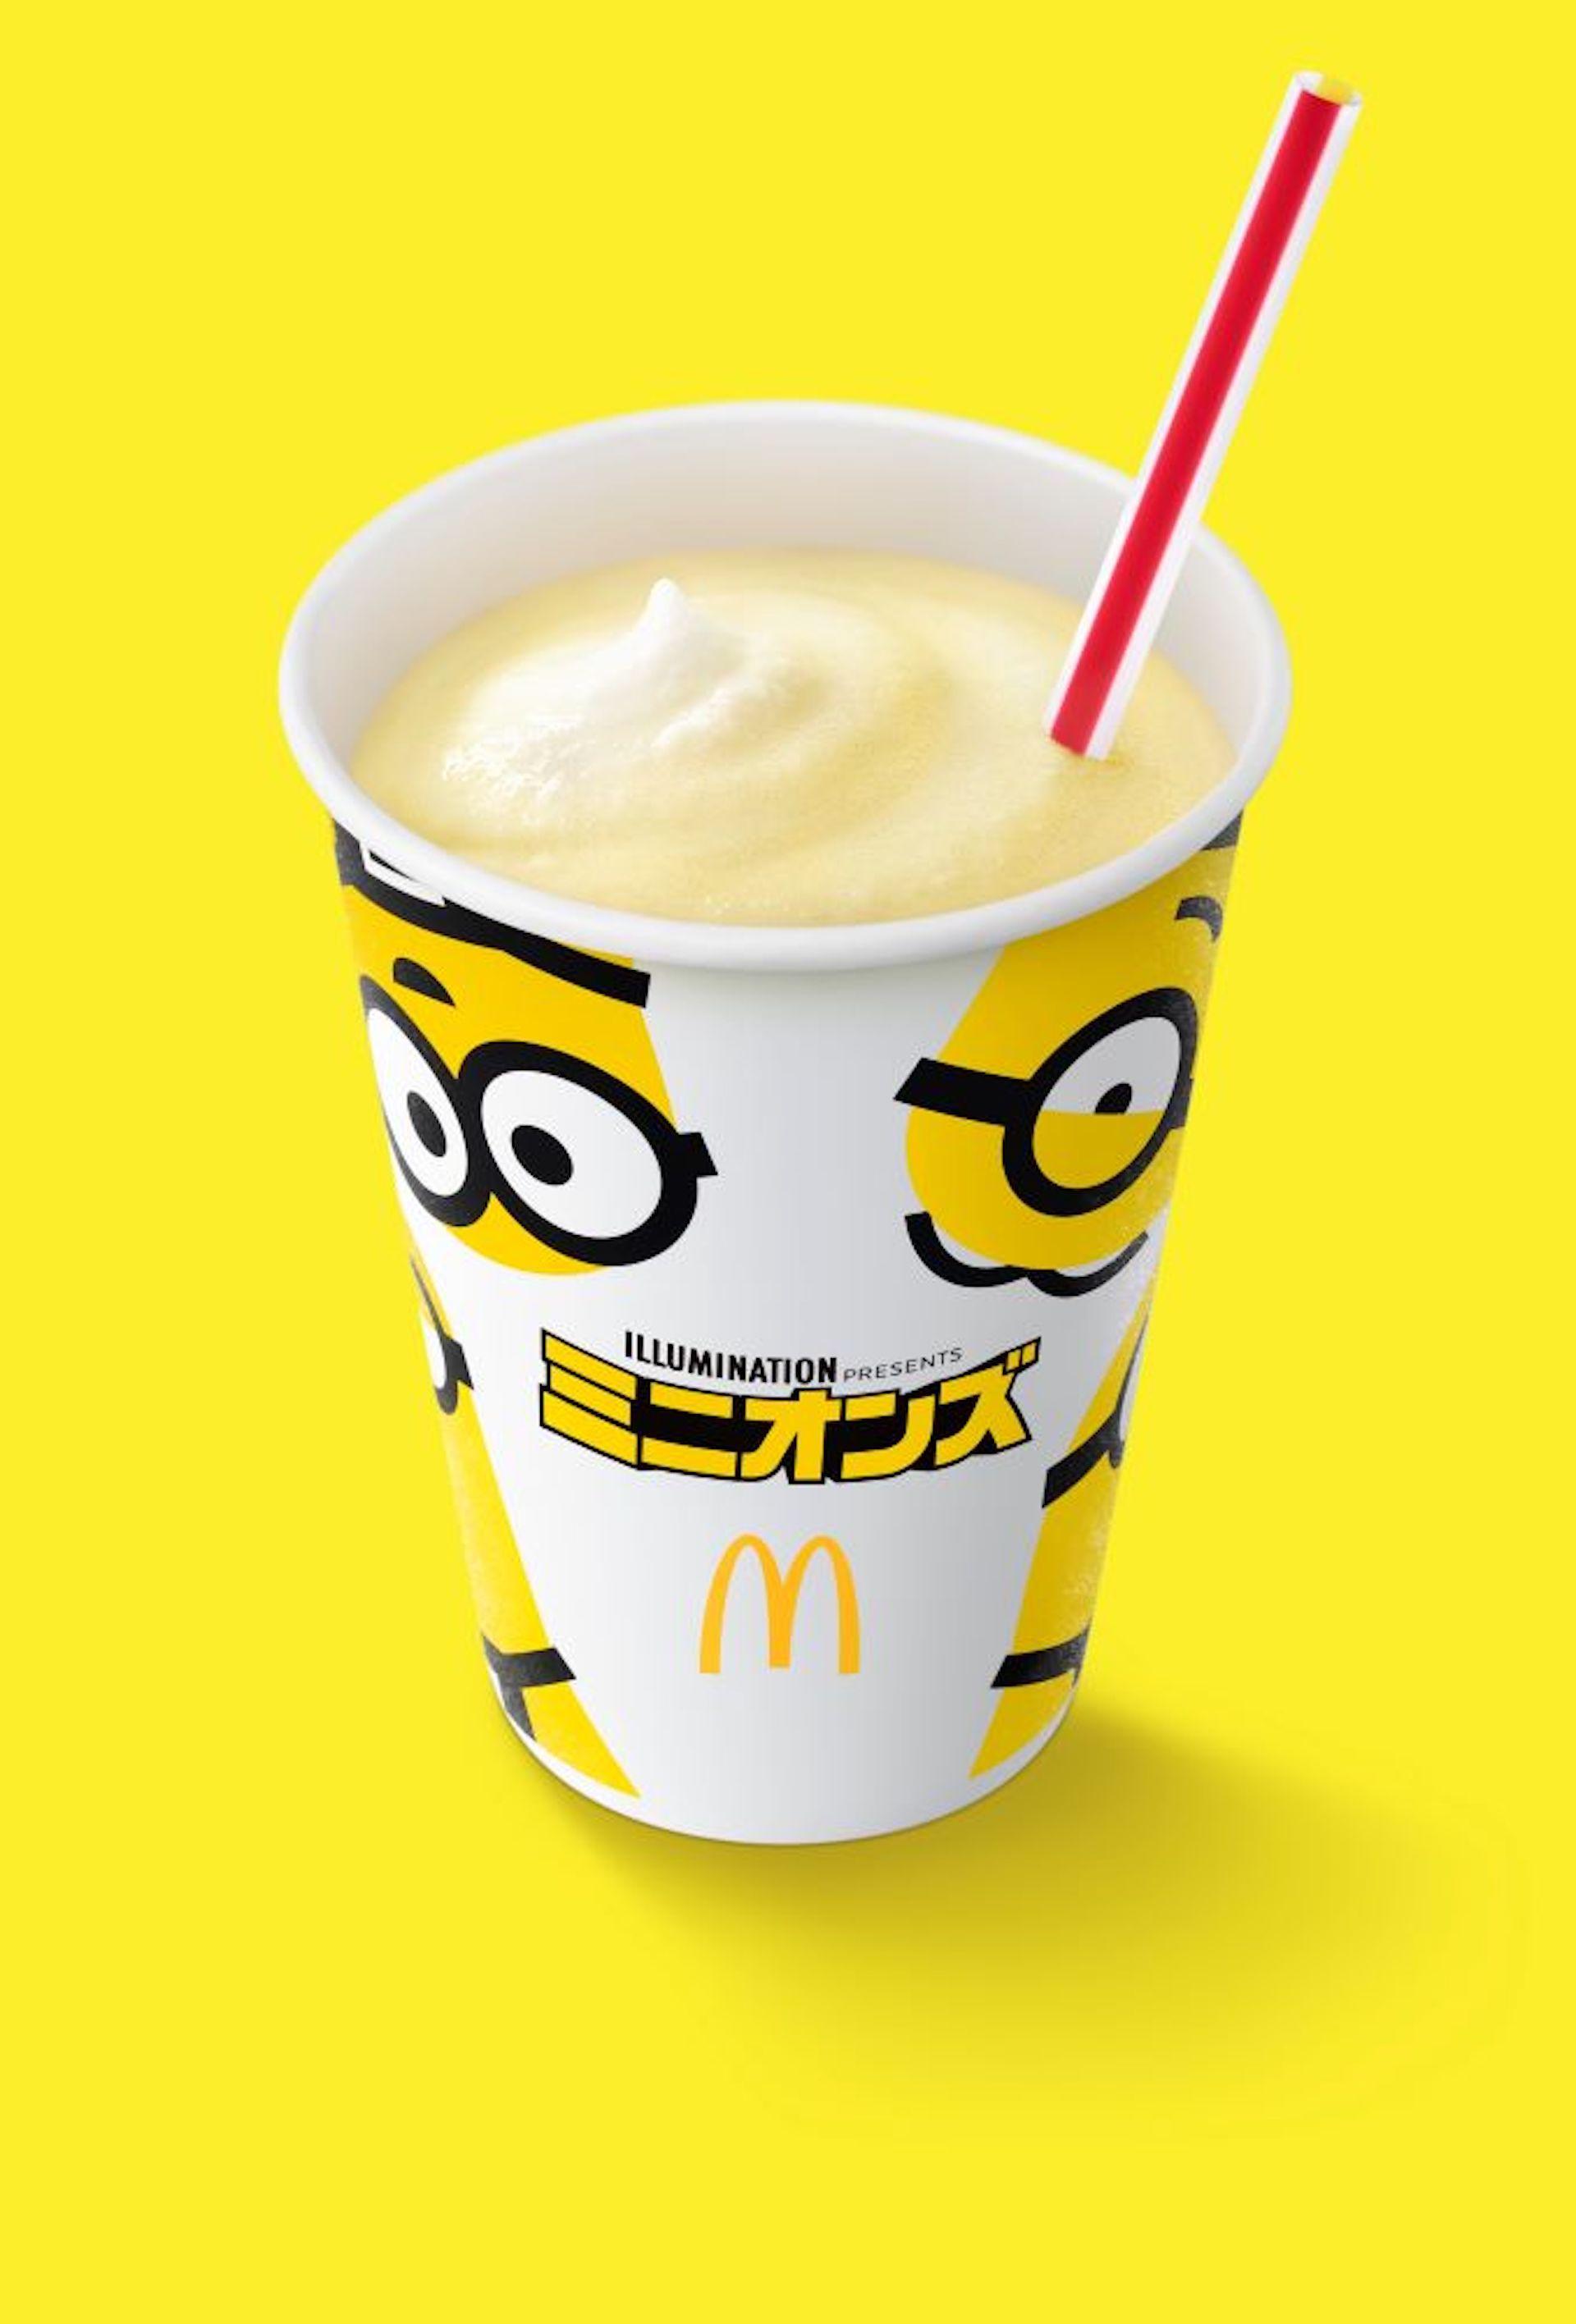 マクドナルドがミニオンズとコラボ!「マックシェイク」バナナ味&ワッフルコーン チョコバナナ、ハッピーセットも登場 gourmet200710_mcdonald_2